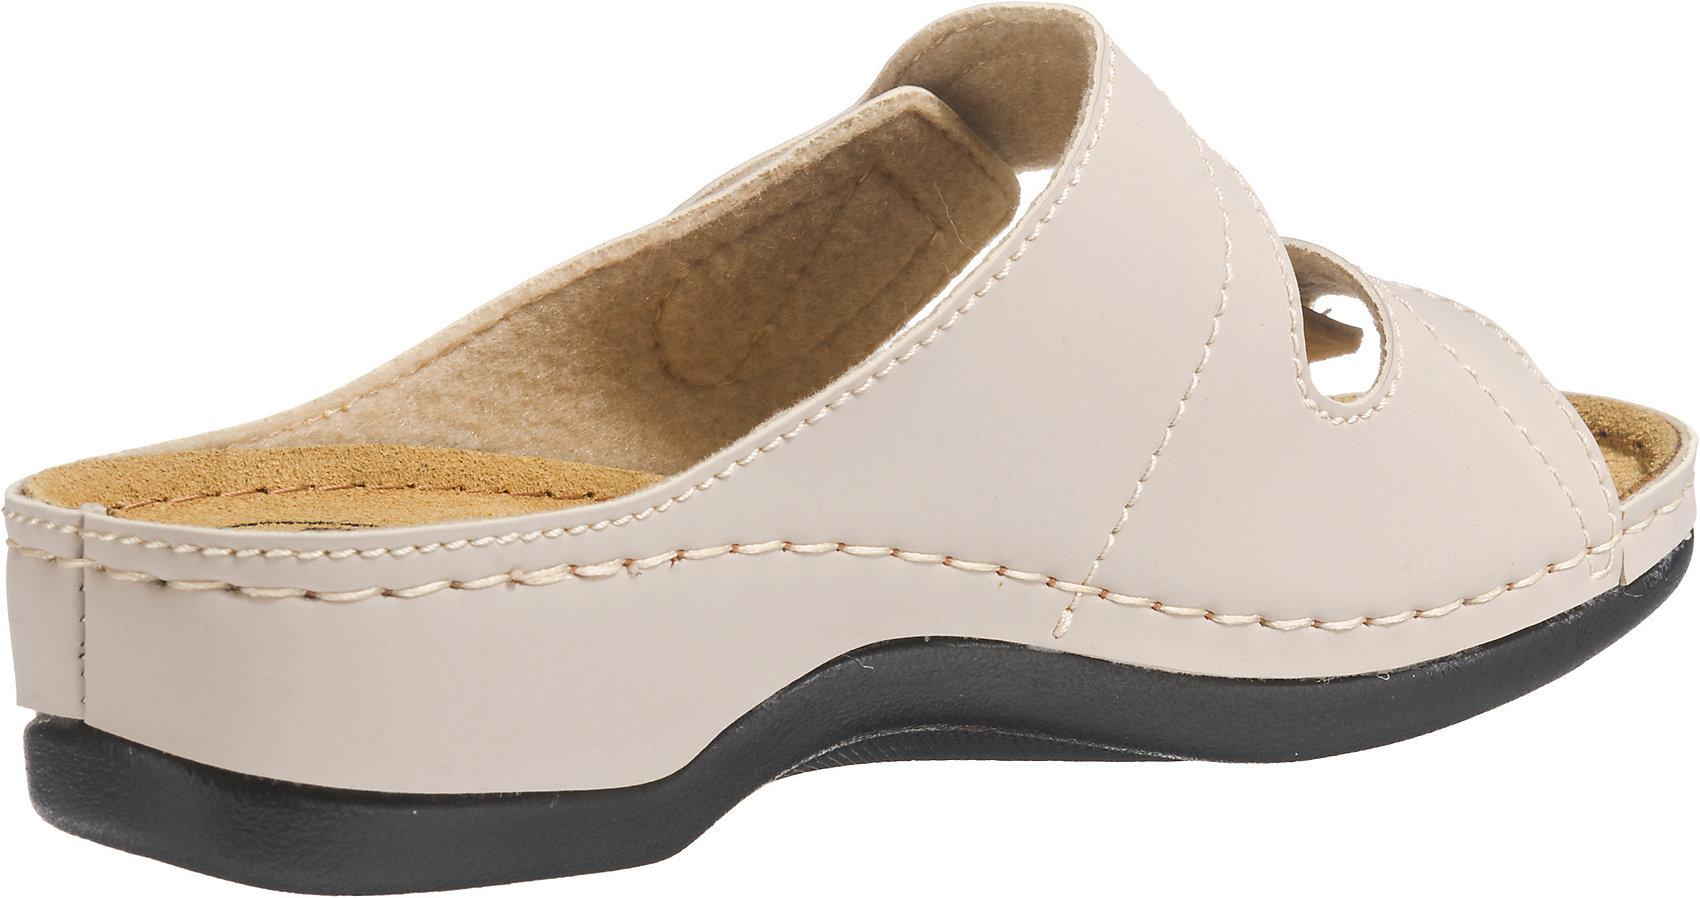 buy popular 7a245 97695 Details zu Neu Franken-Schuhe Komfort-Pantoletten 7970440 für Damen schwarz